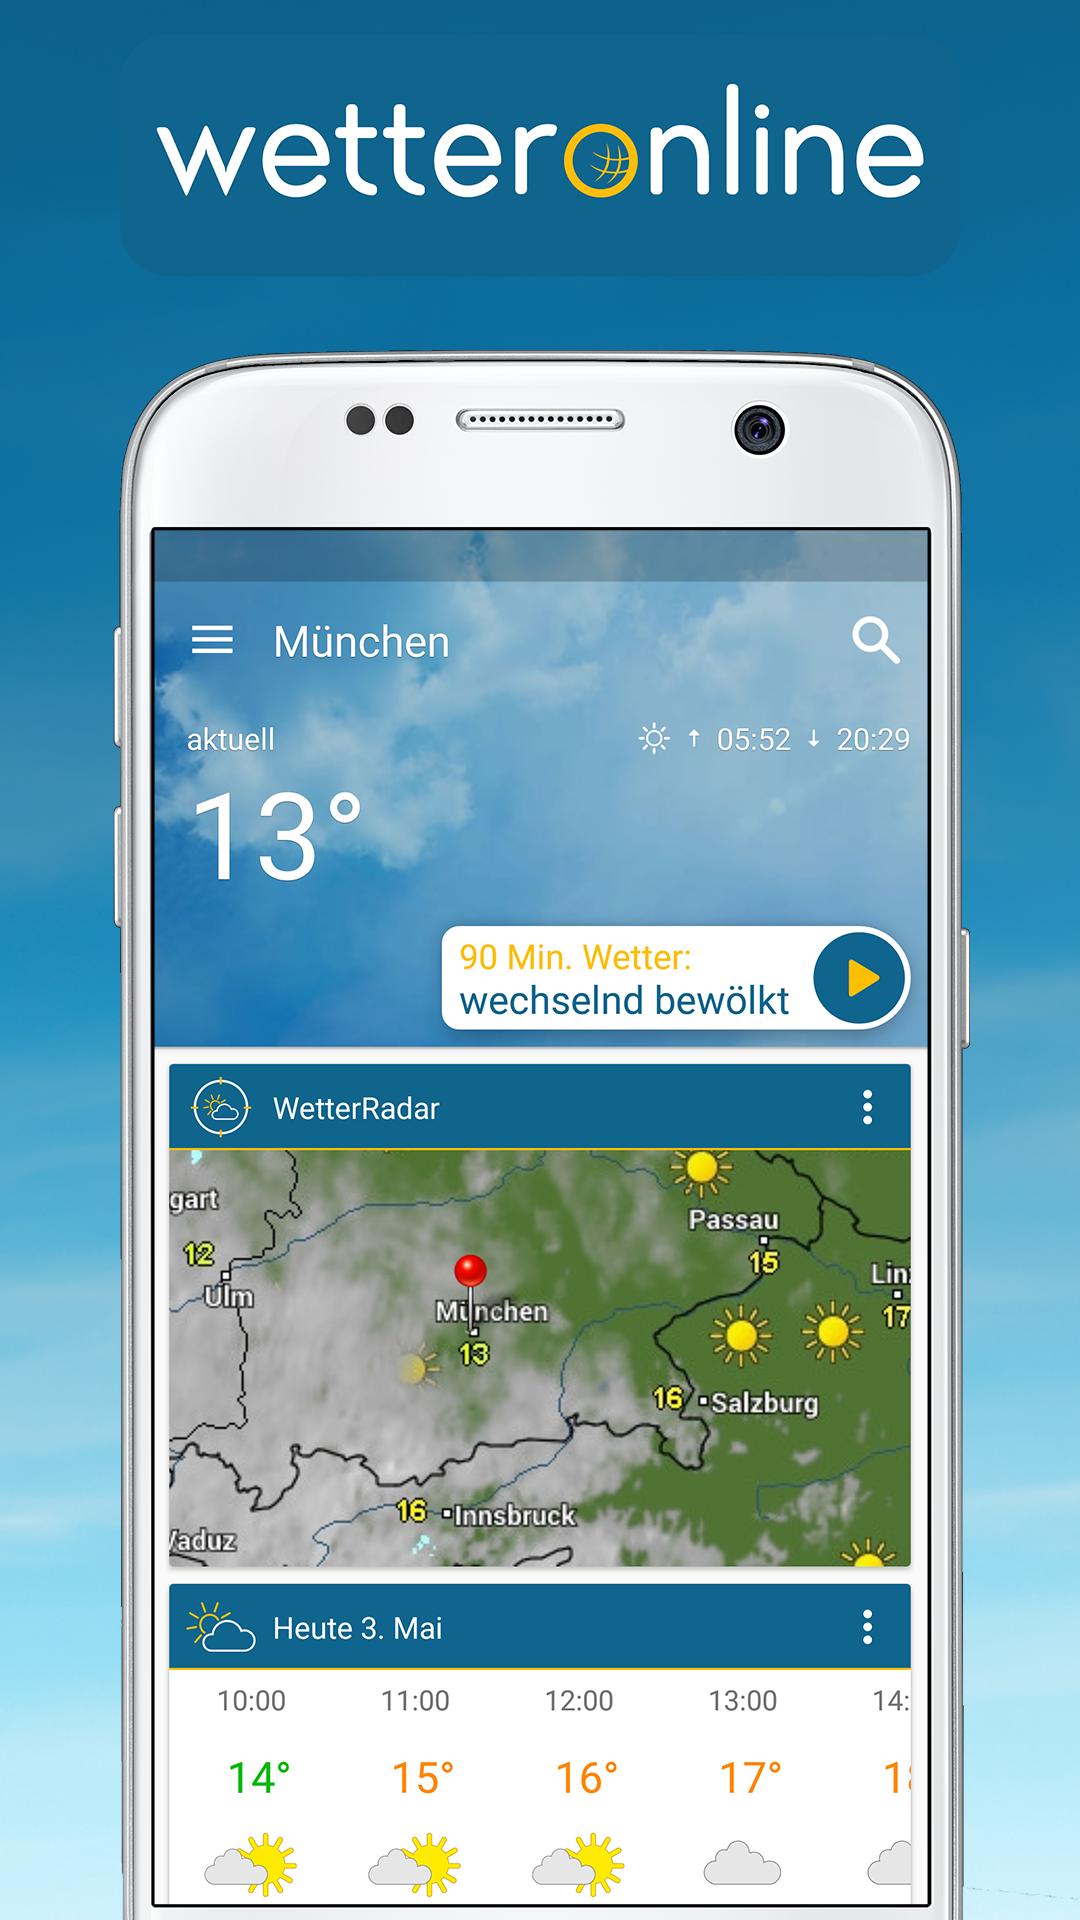 Tübingen Wetter Online